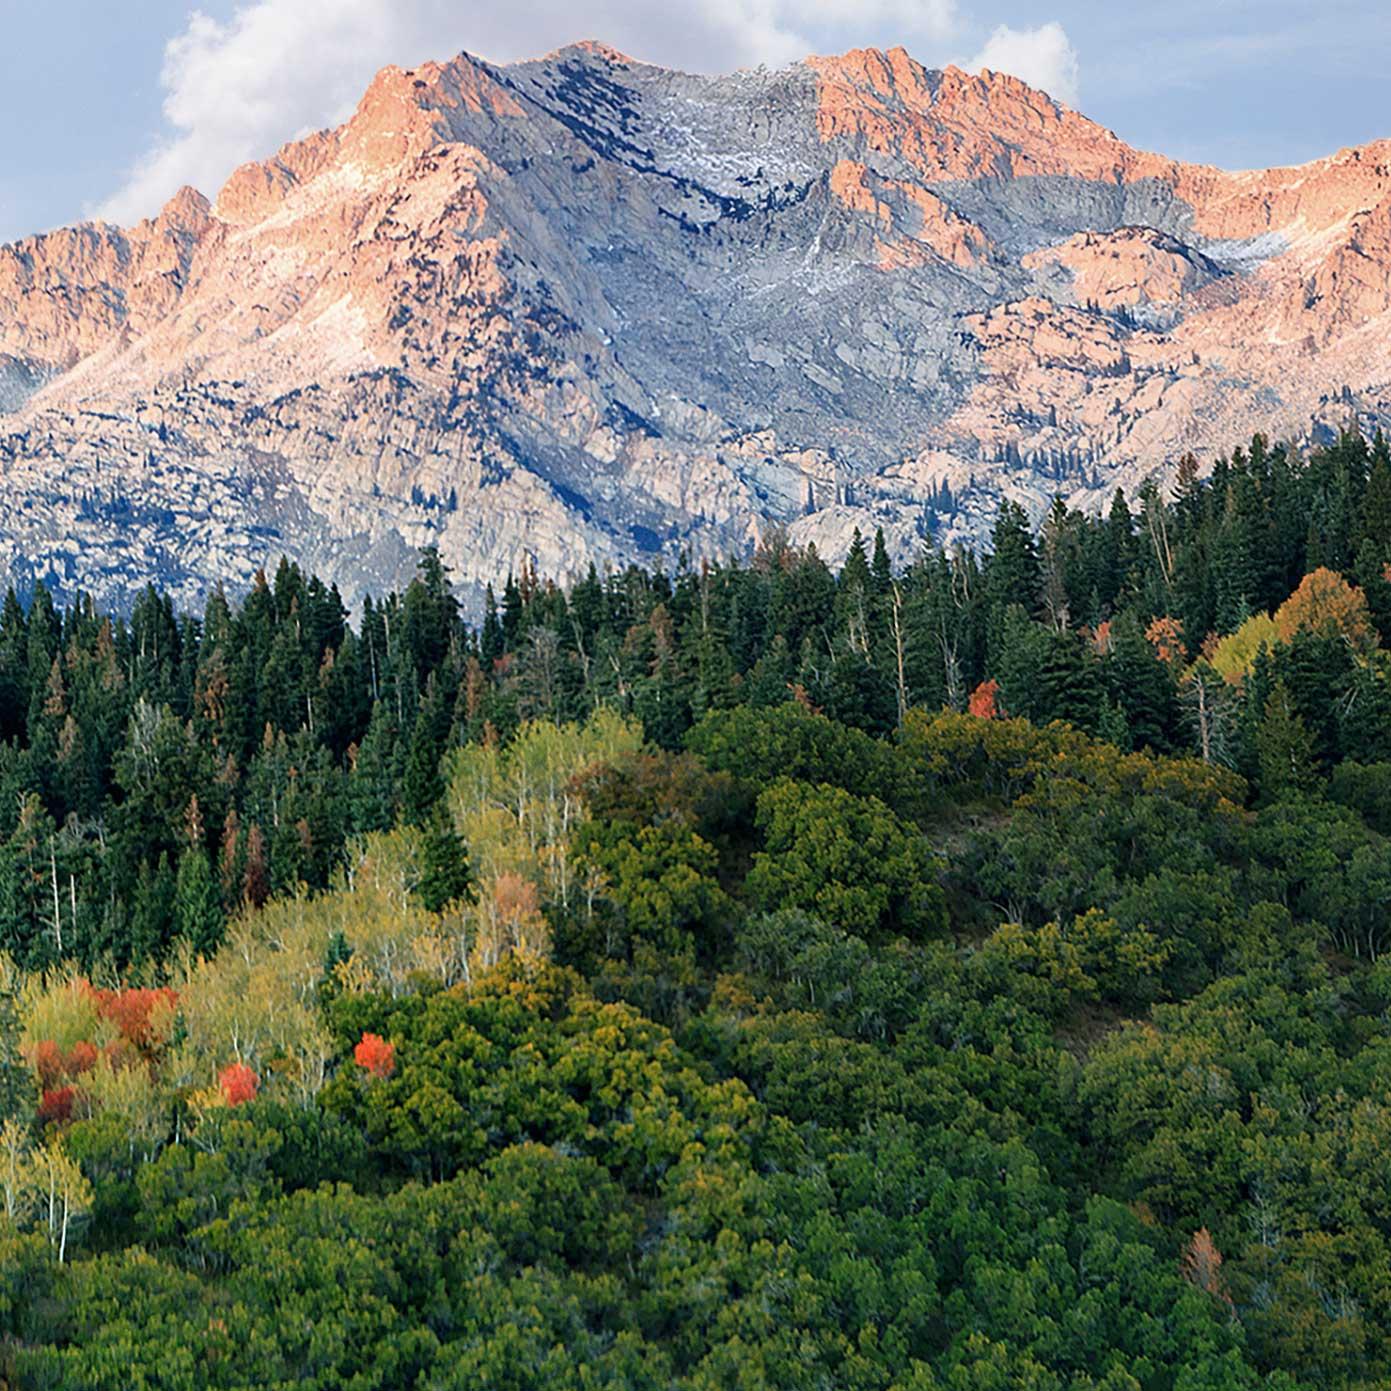 Landschaft mit Wald und Bergen – Modellbahn Hintergrund 300cm x 50 cm 1